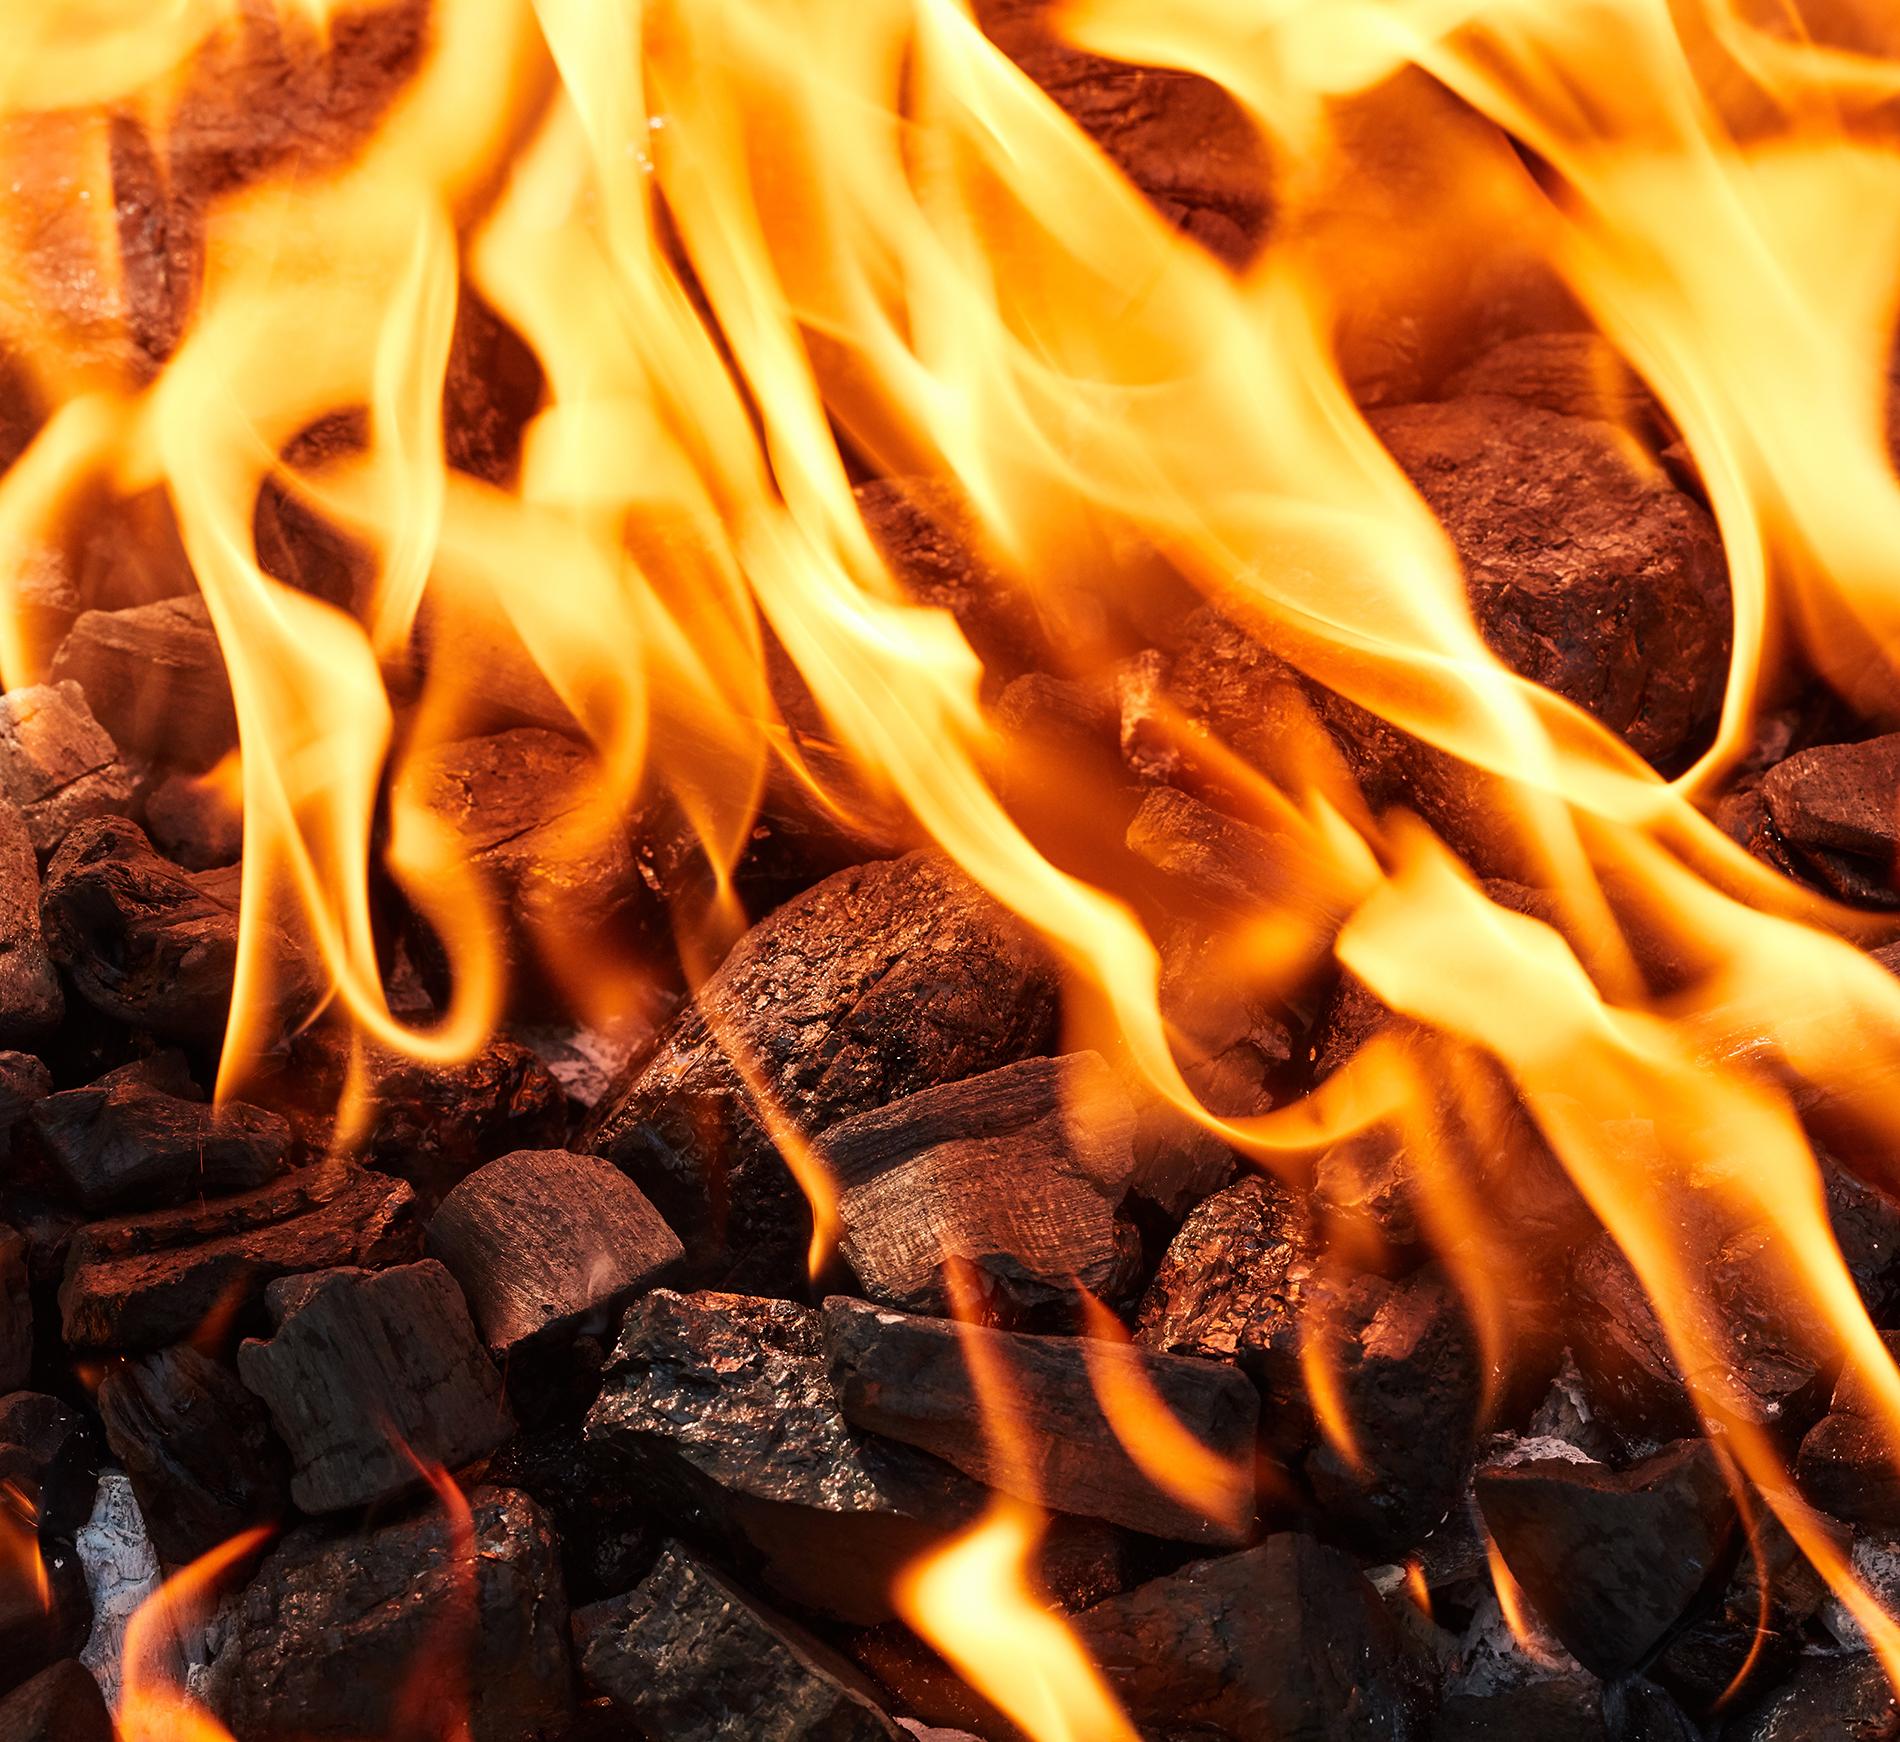 płomień palonego się ekogroszku